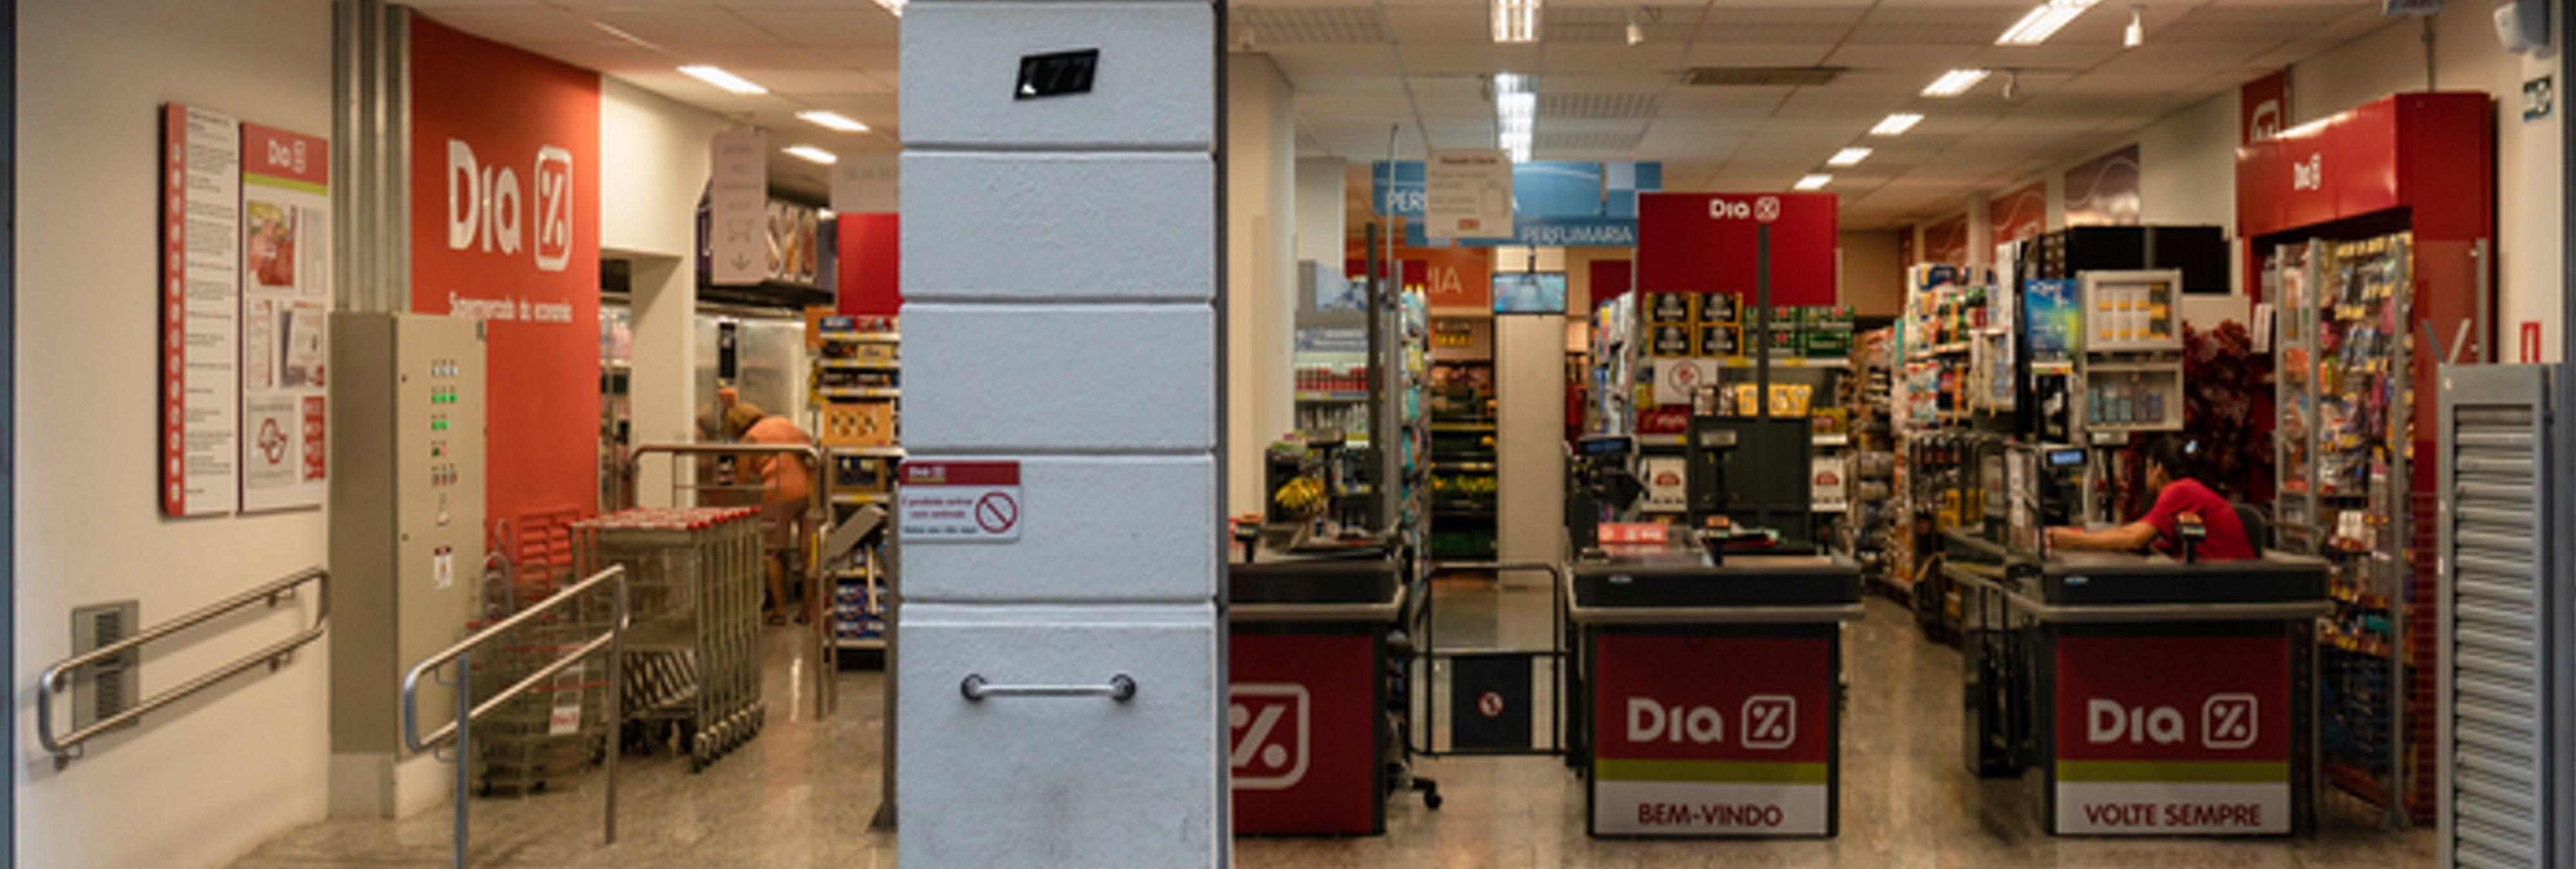 DIA echa el cierre a sus tiendas Max Descuento con un ERE que perjudicará a 210 empleados